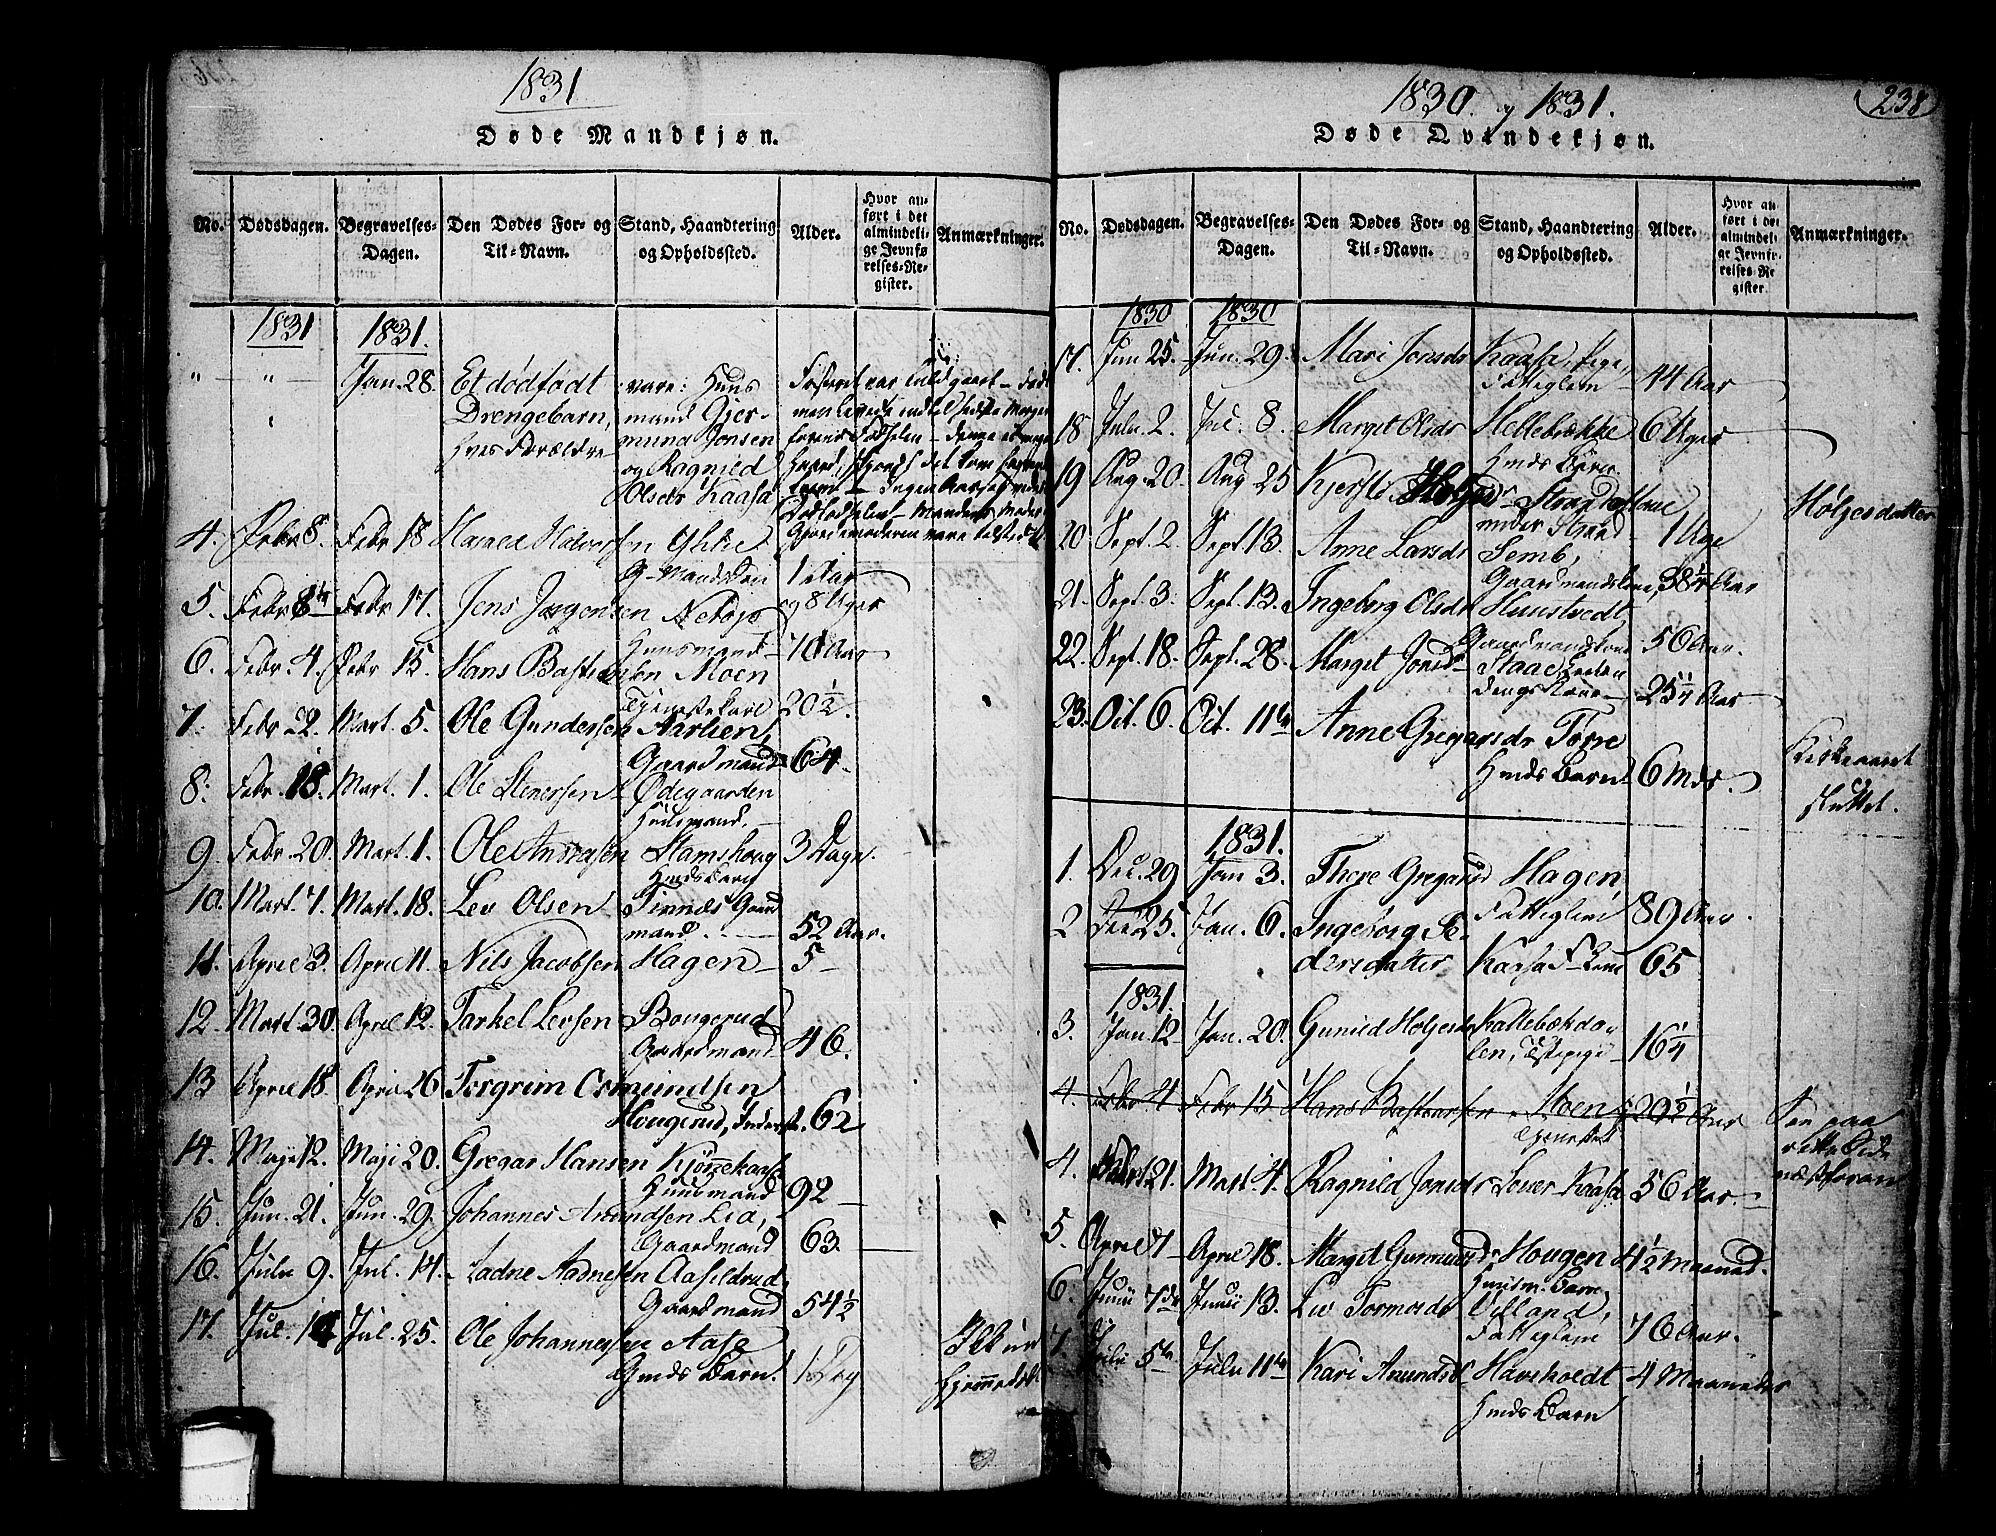 SAKO, Heddal kirkebøker, F/Fa/L0005: Ministerialbok nr. I 5, 1814-1837, s. 237-238